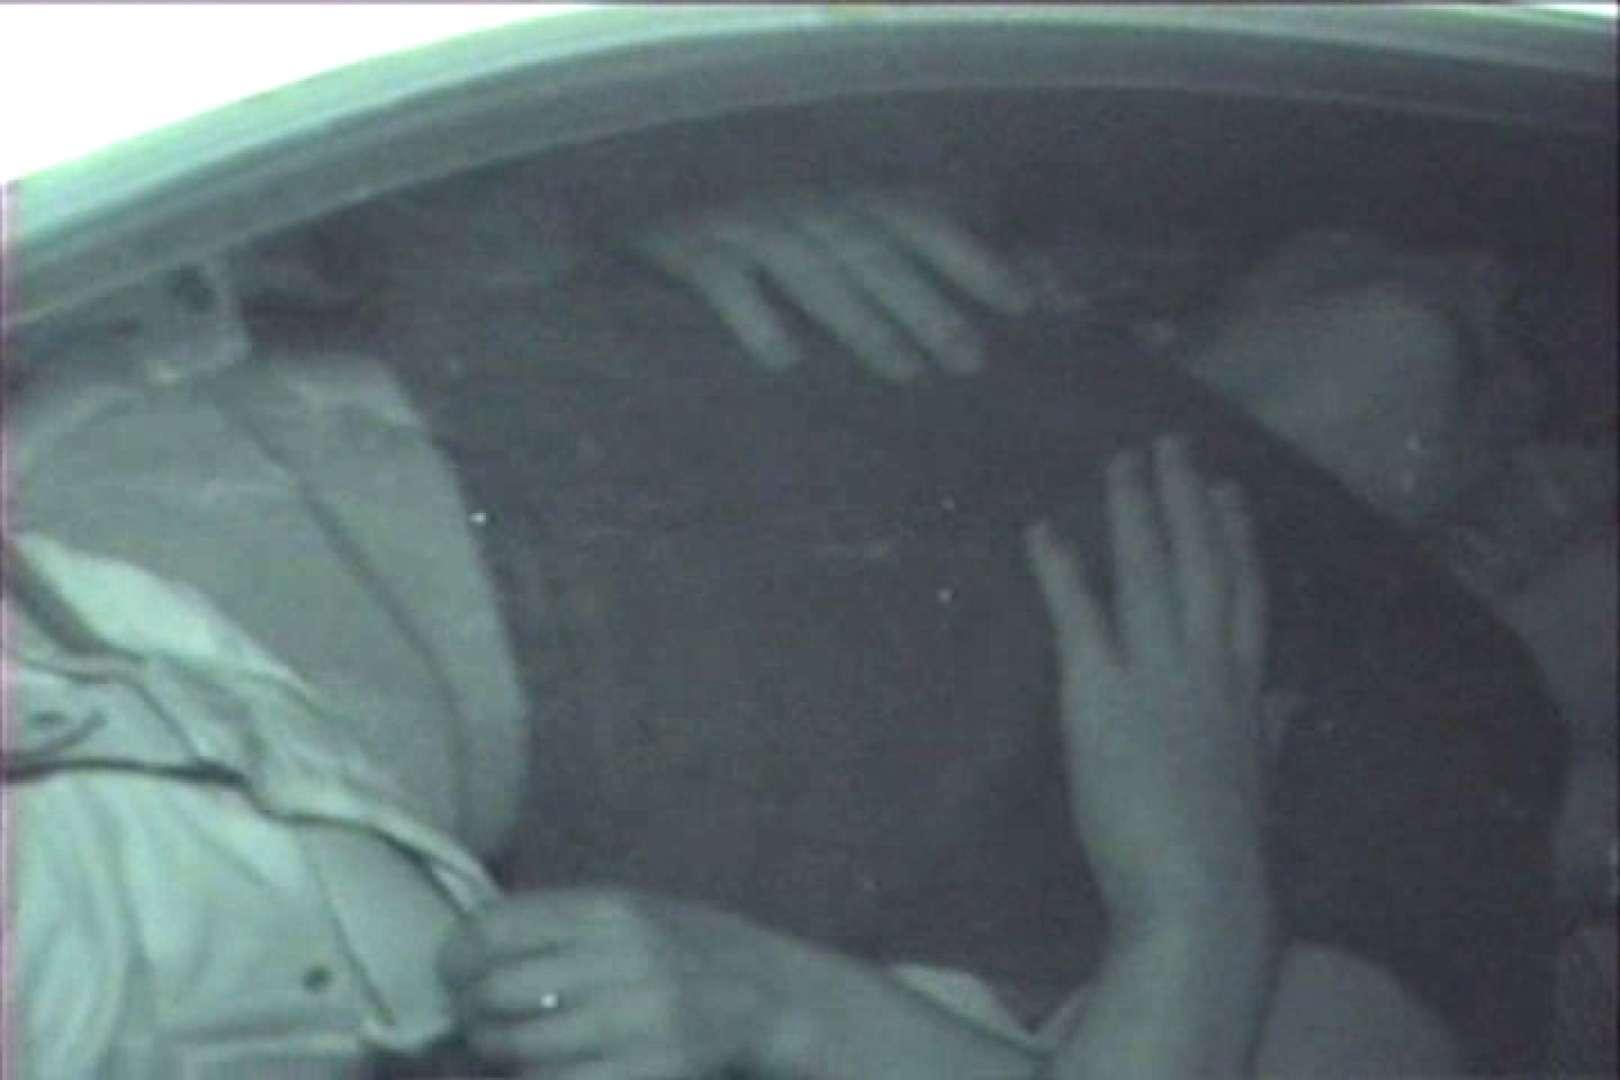 車の中はラブホテル 無修正版  Vol.18 ラブホテル 隠し撮りAV無料 49pic 41